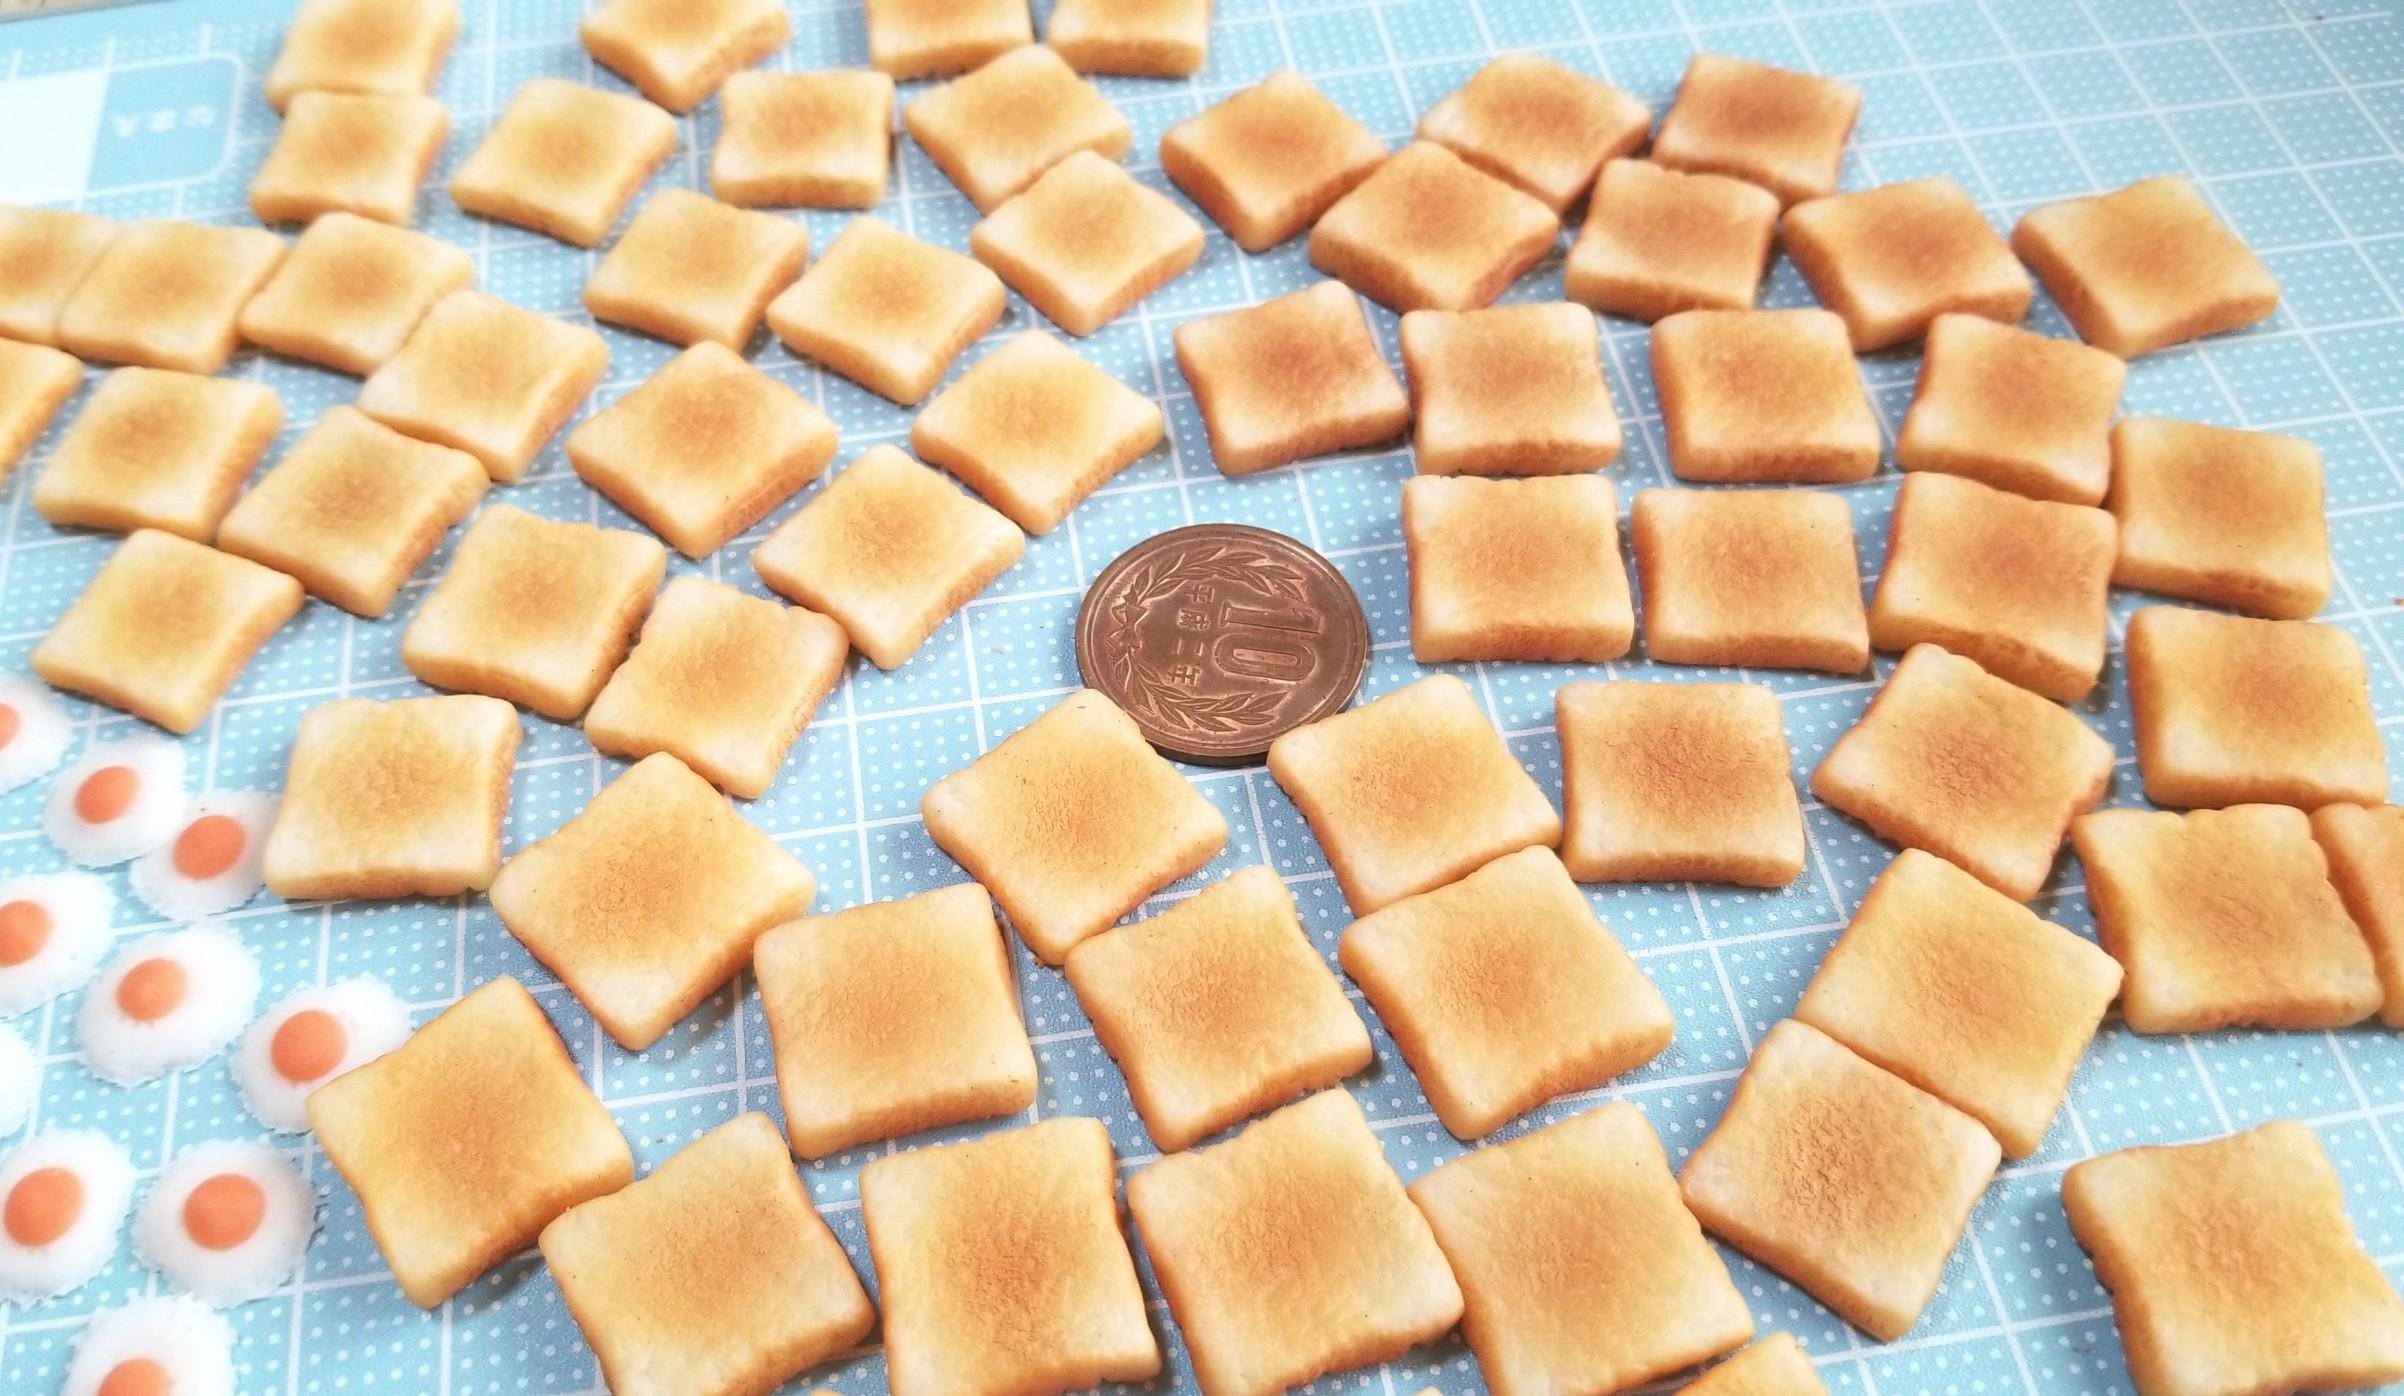 ミニチュアフード,食パン,トースト,作り方,樹脂粘土,ラピュタパン